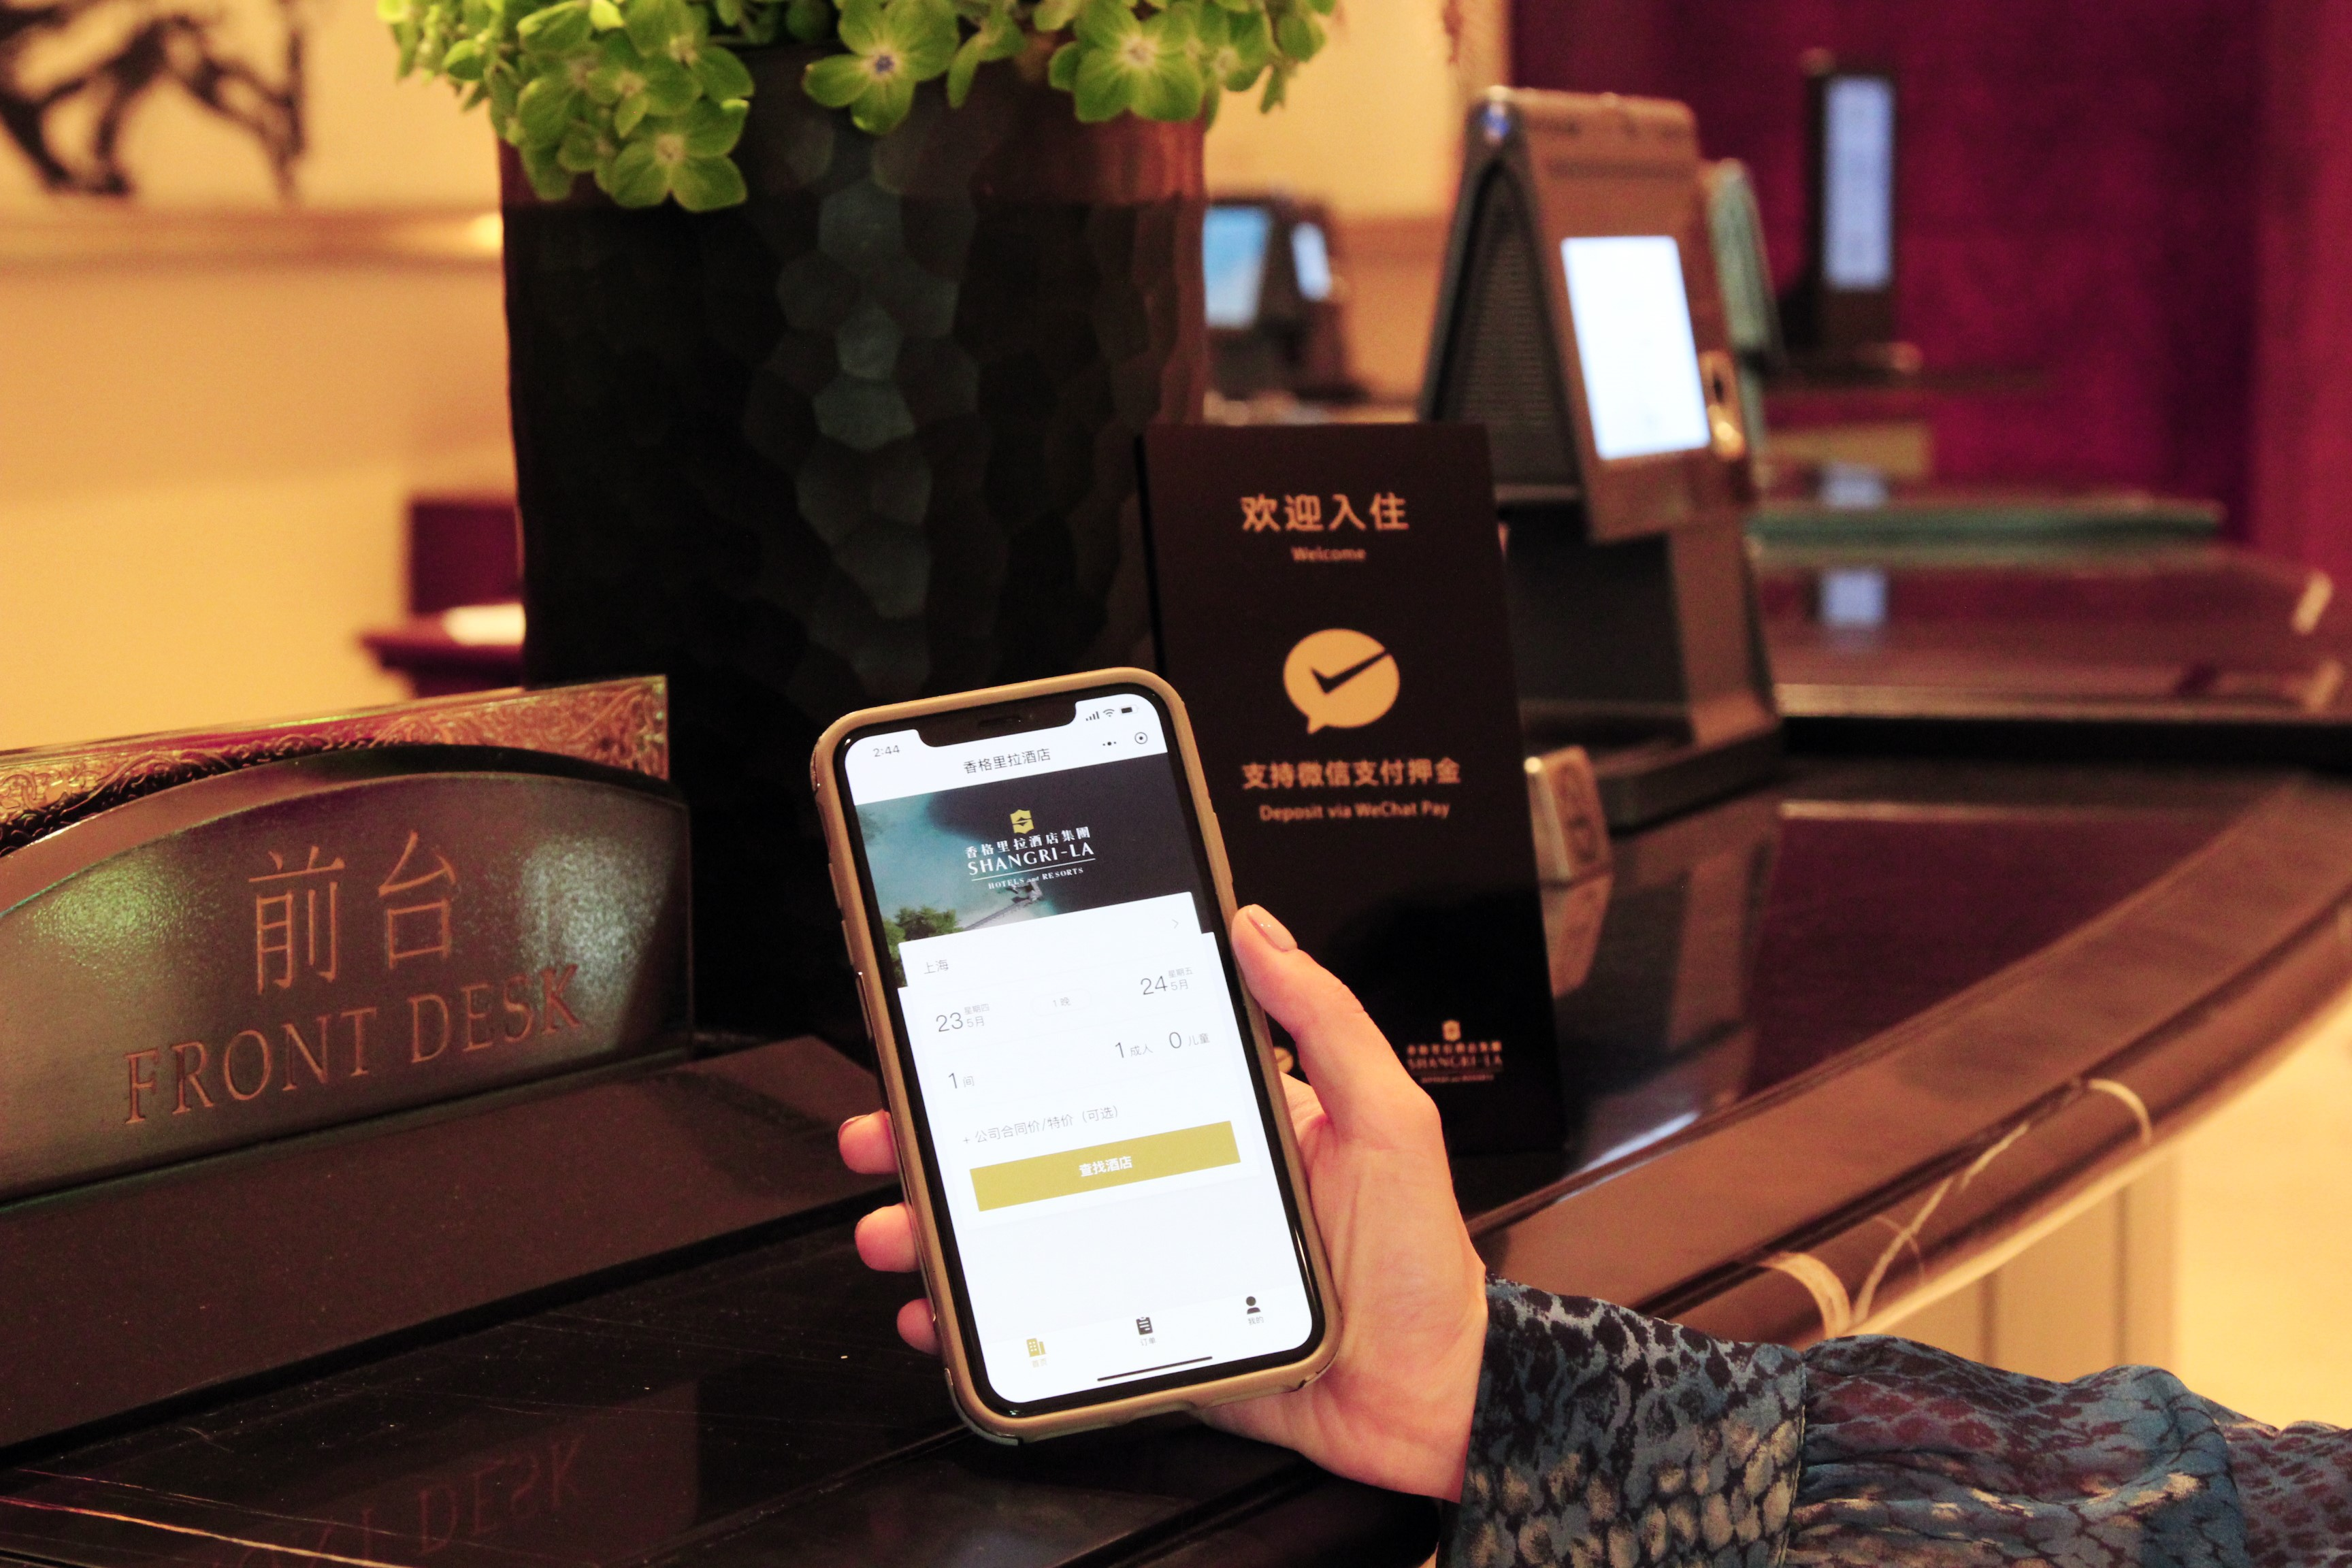 Shangri-La Wechat e-services